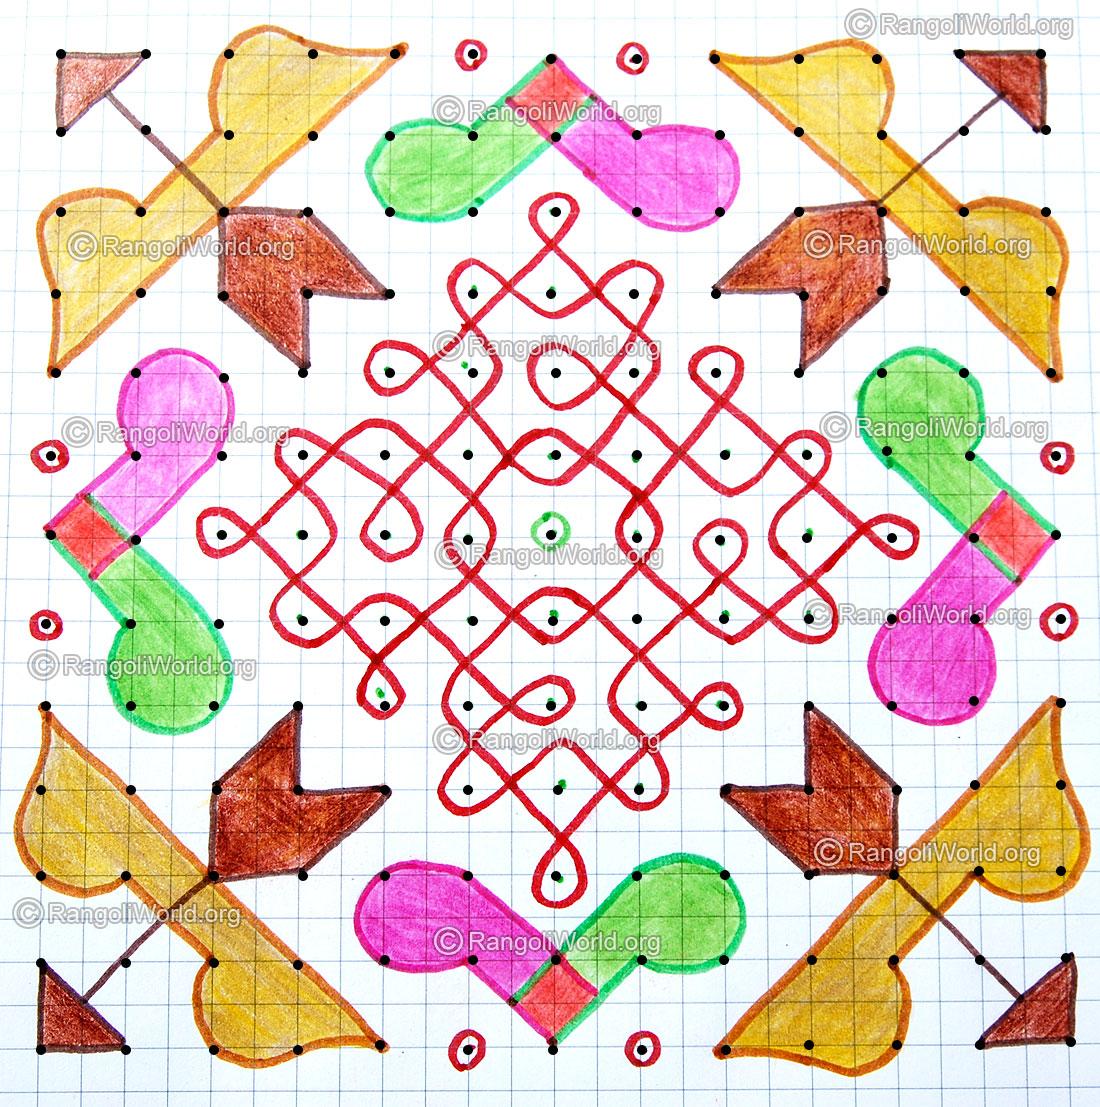 Bow arrow sikku kolam with dots